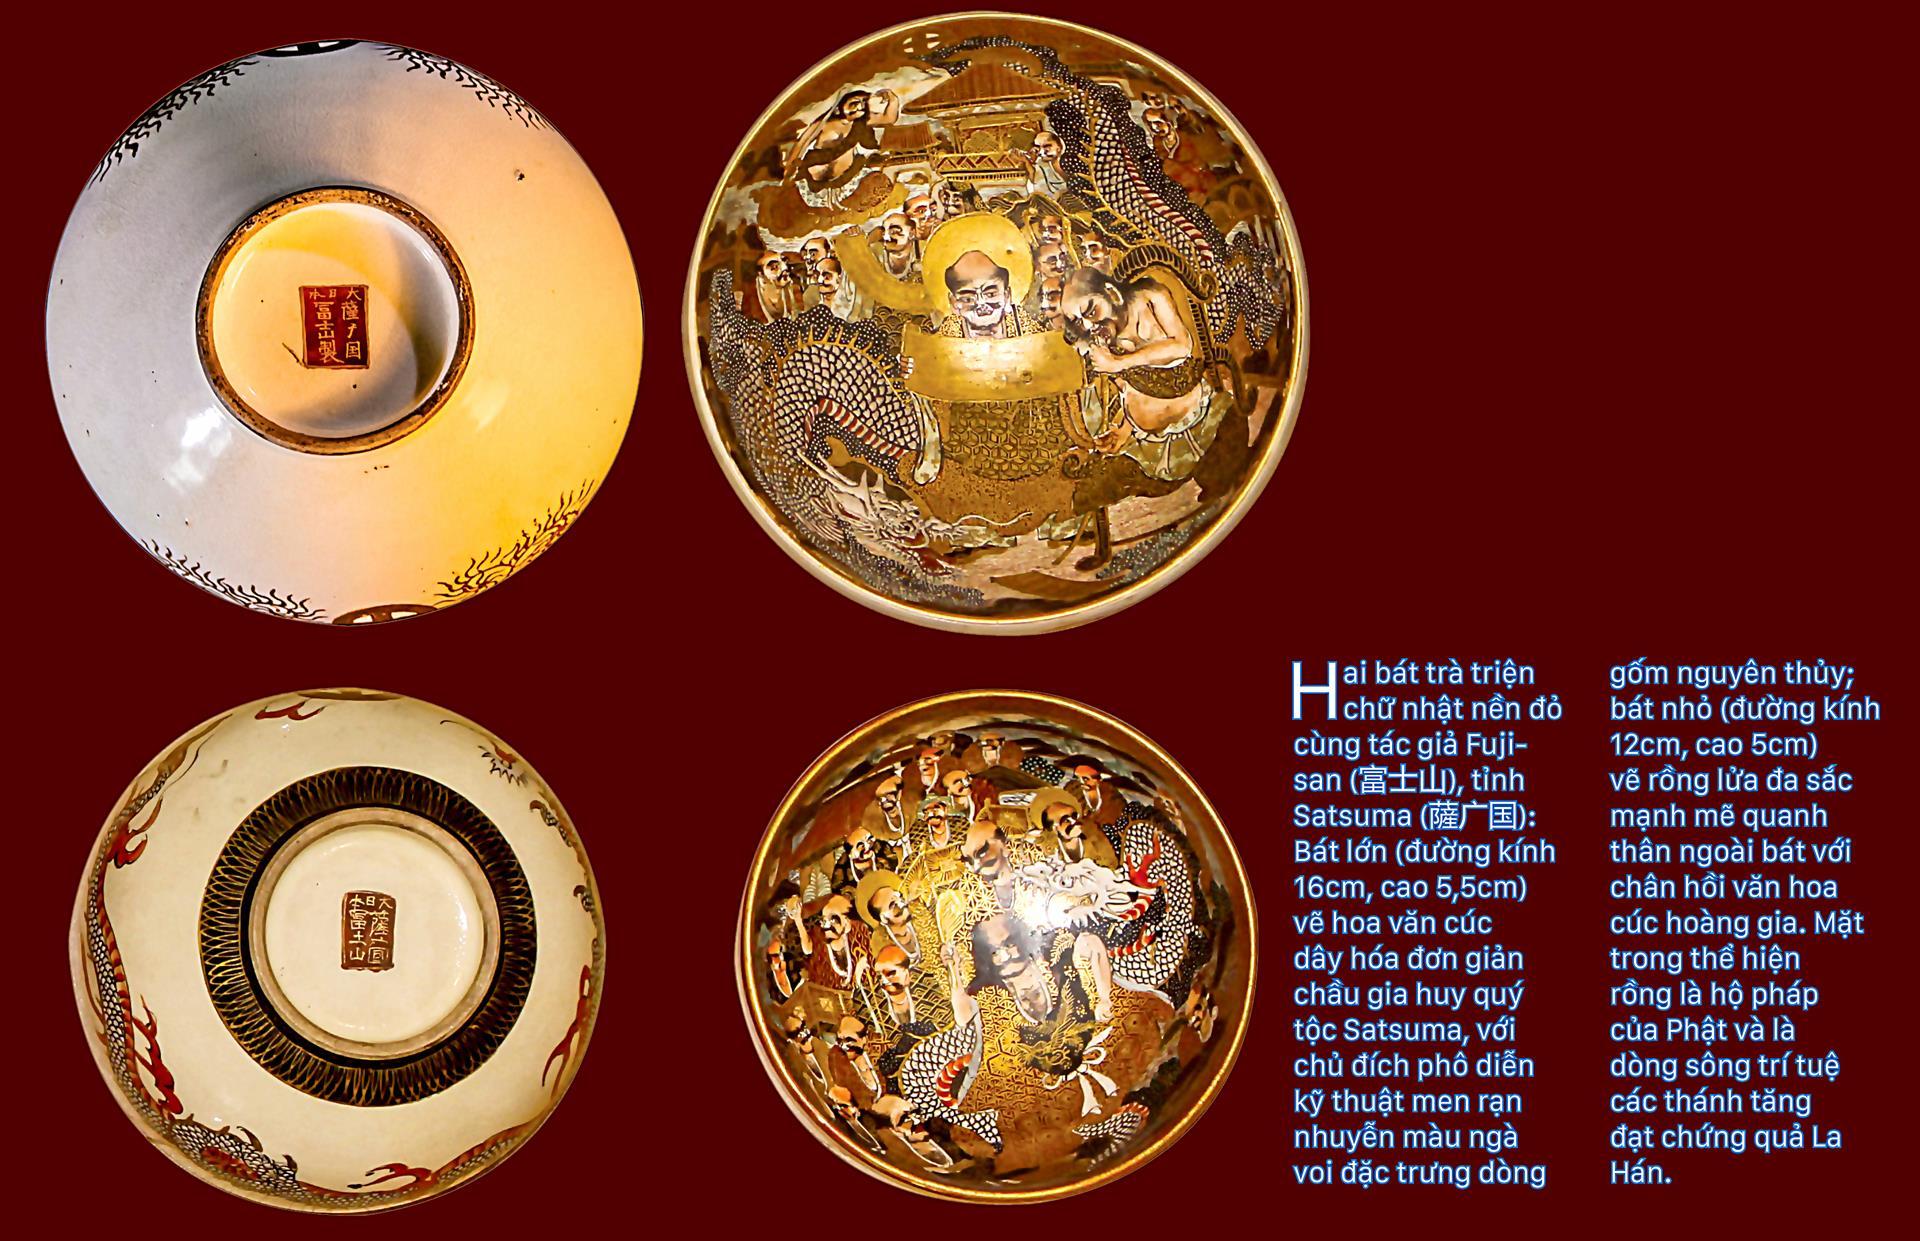 Biểu tượng vương quyền trên những bát trà   ảnh 4